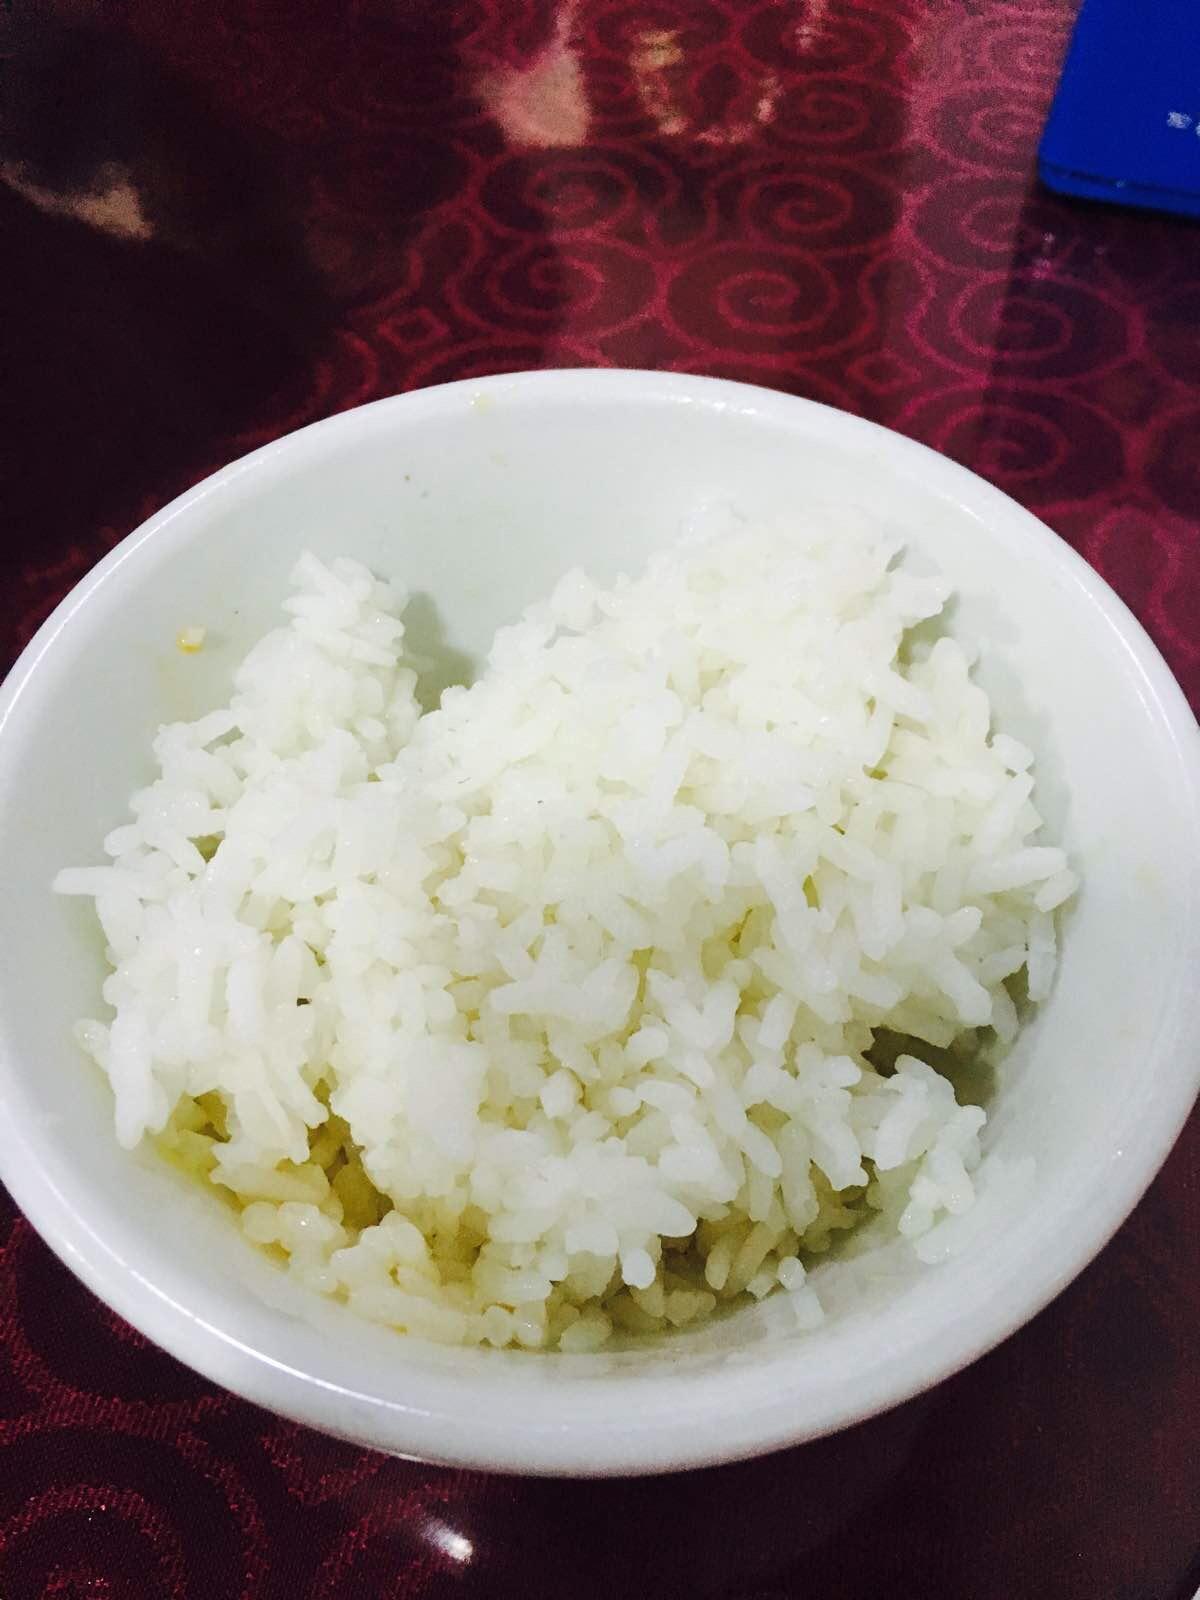 懒于开灶最爱的便是到店里拎一大碗冒菜回家配白米饭图片